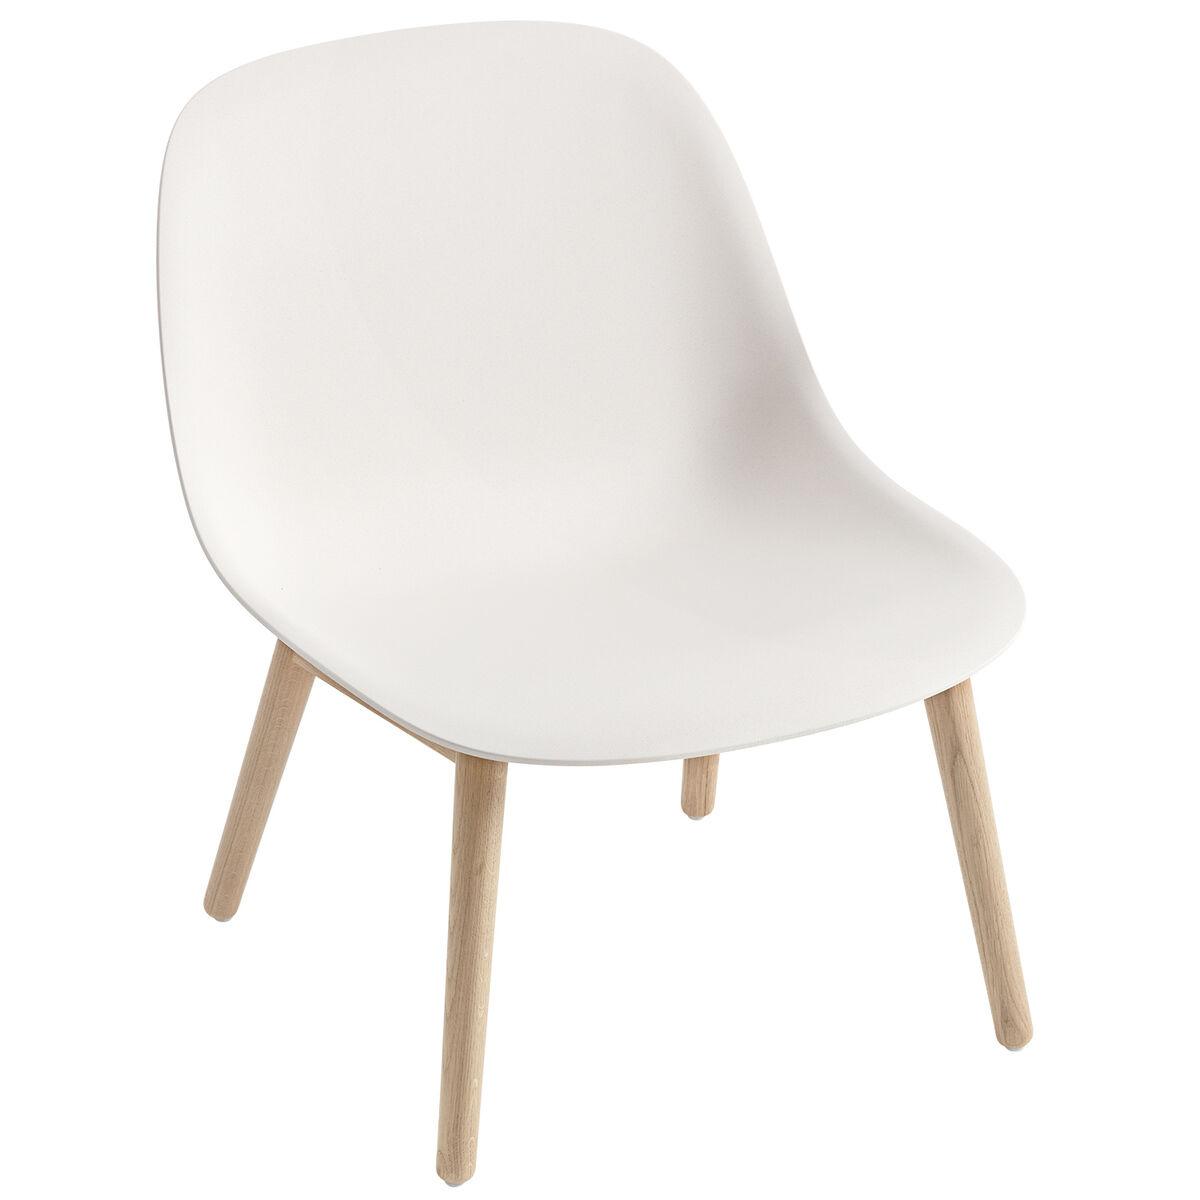 Muuto Fiber nojatuoli, puujalat, valkoinen - tammi